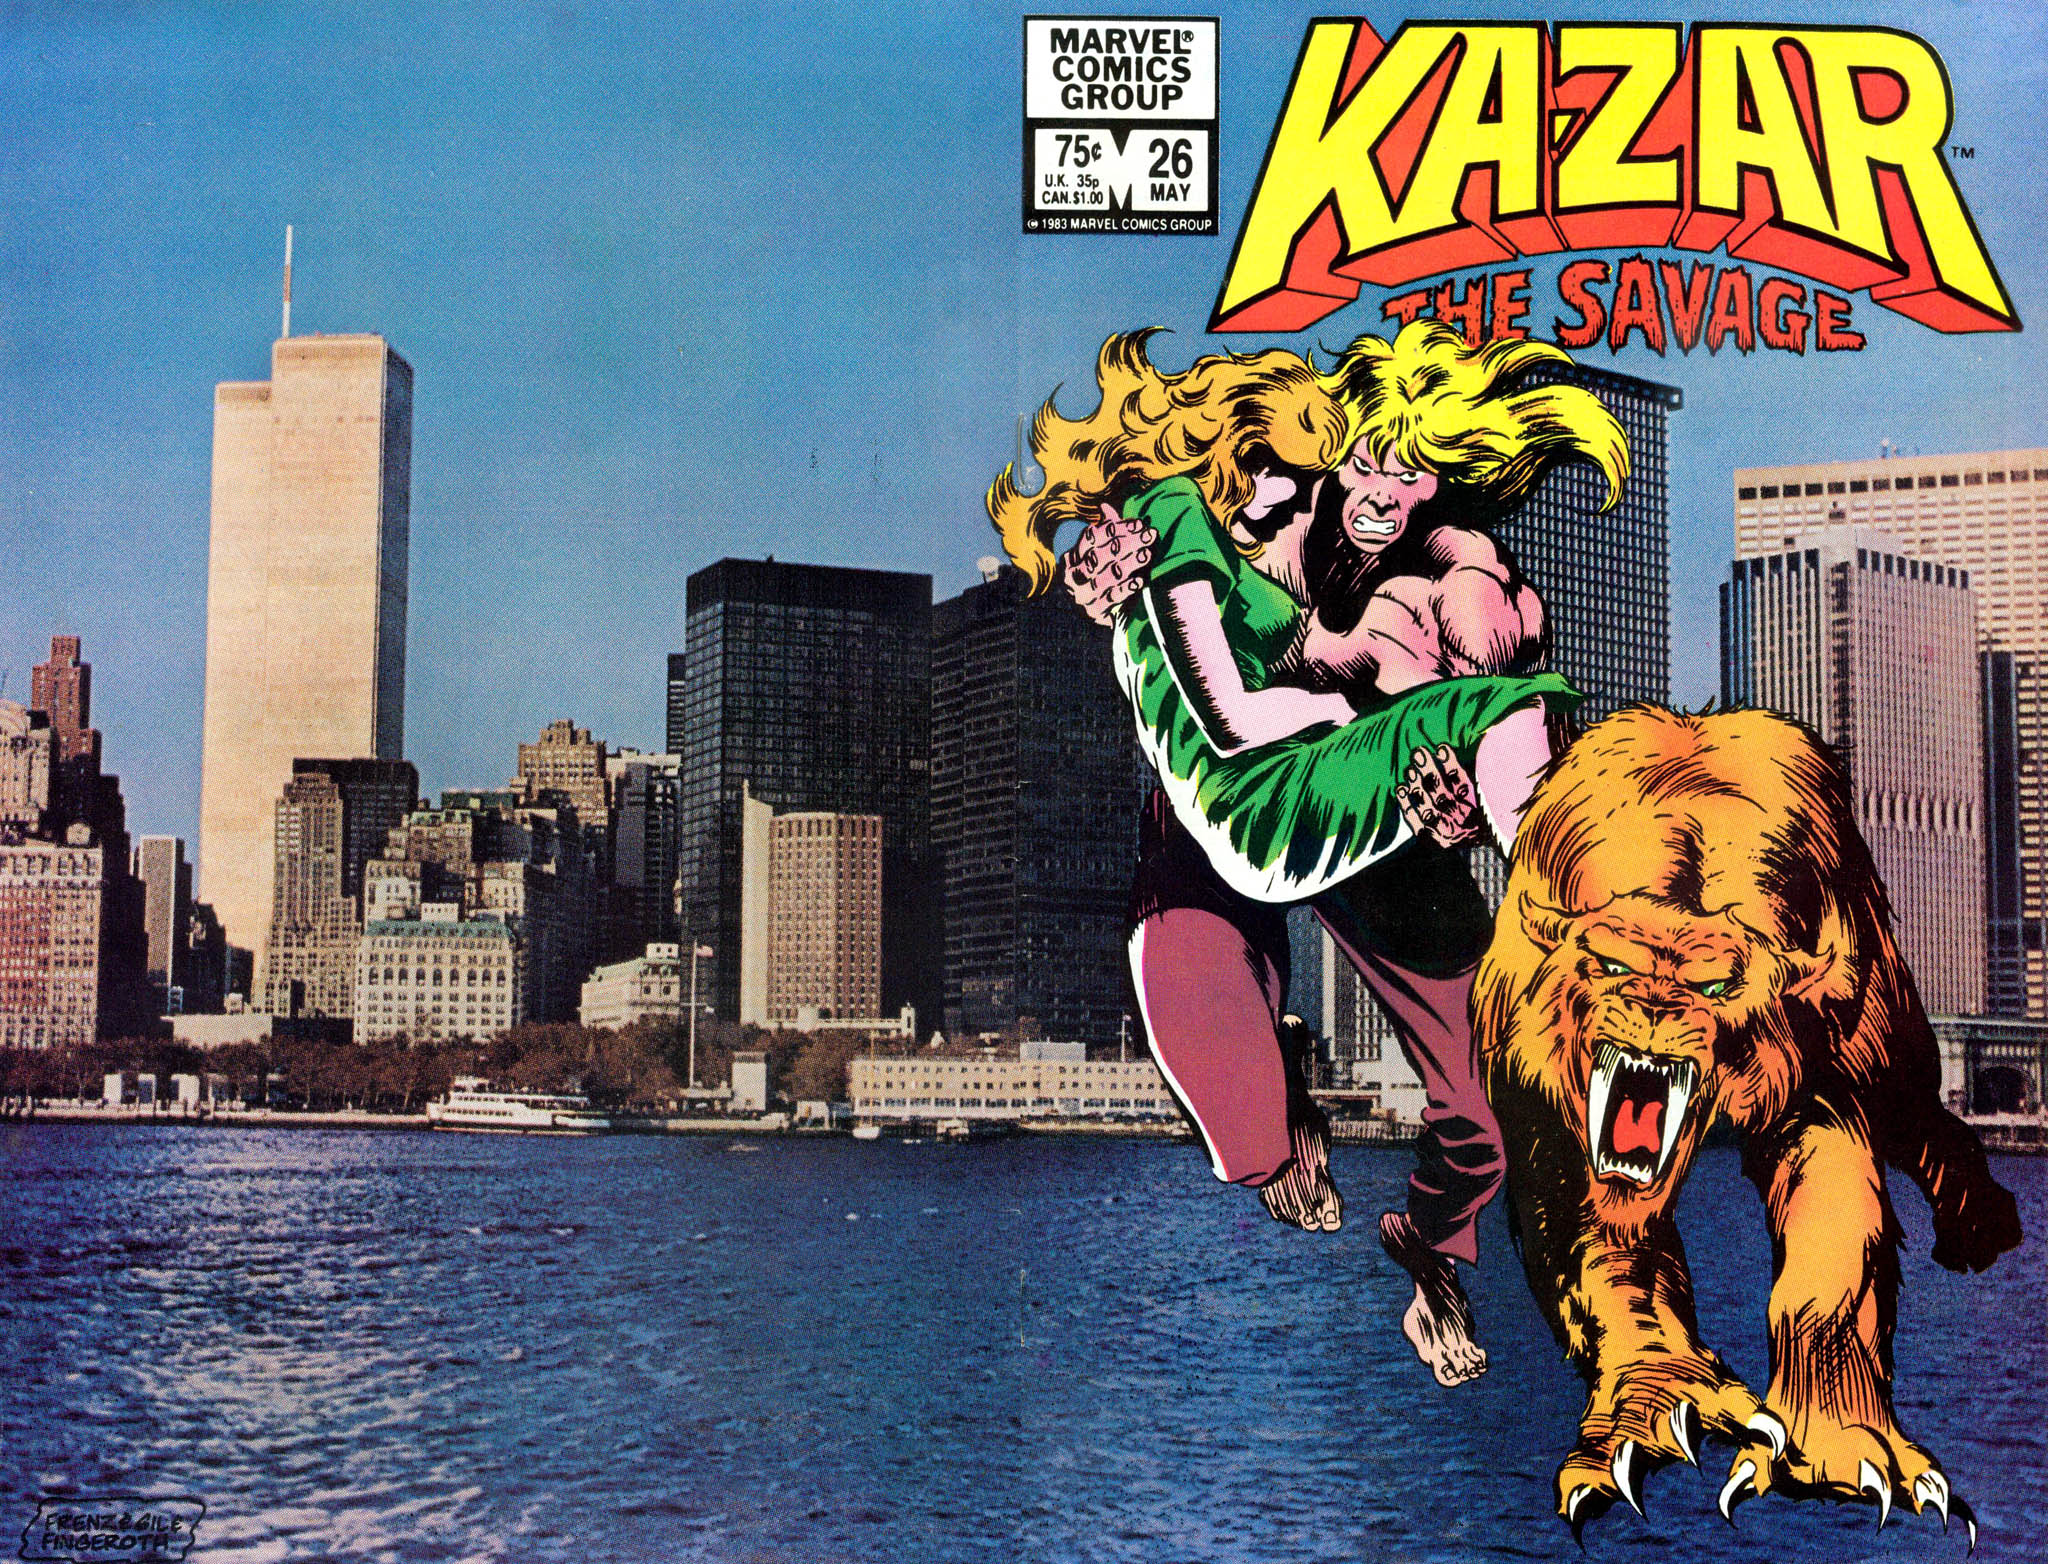 Ka-Zar the Savage 26 Page 1